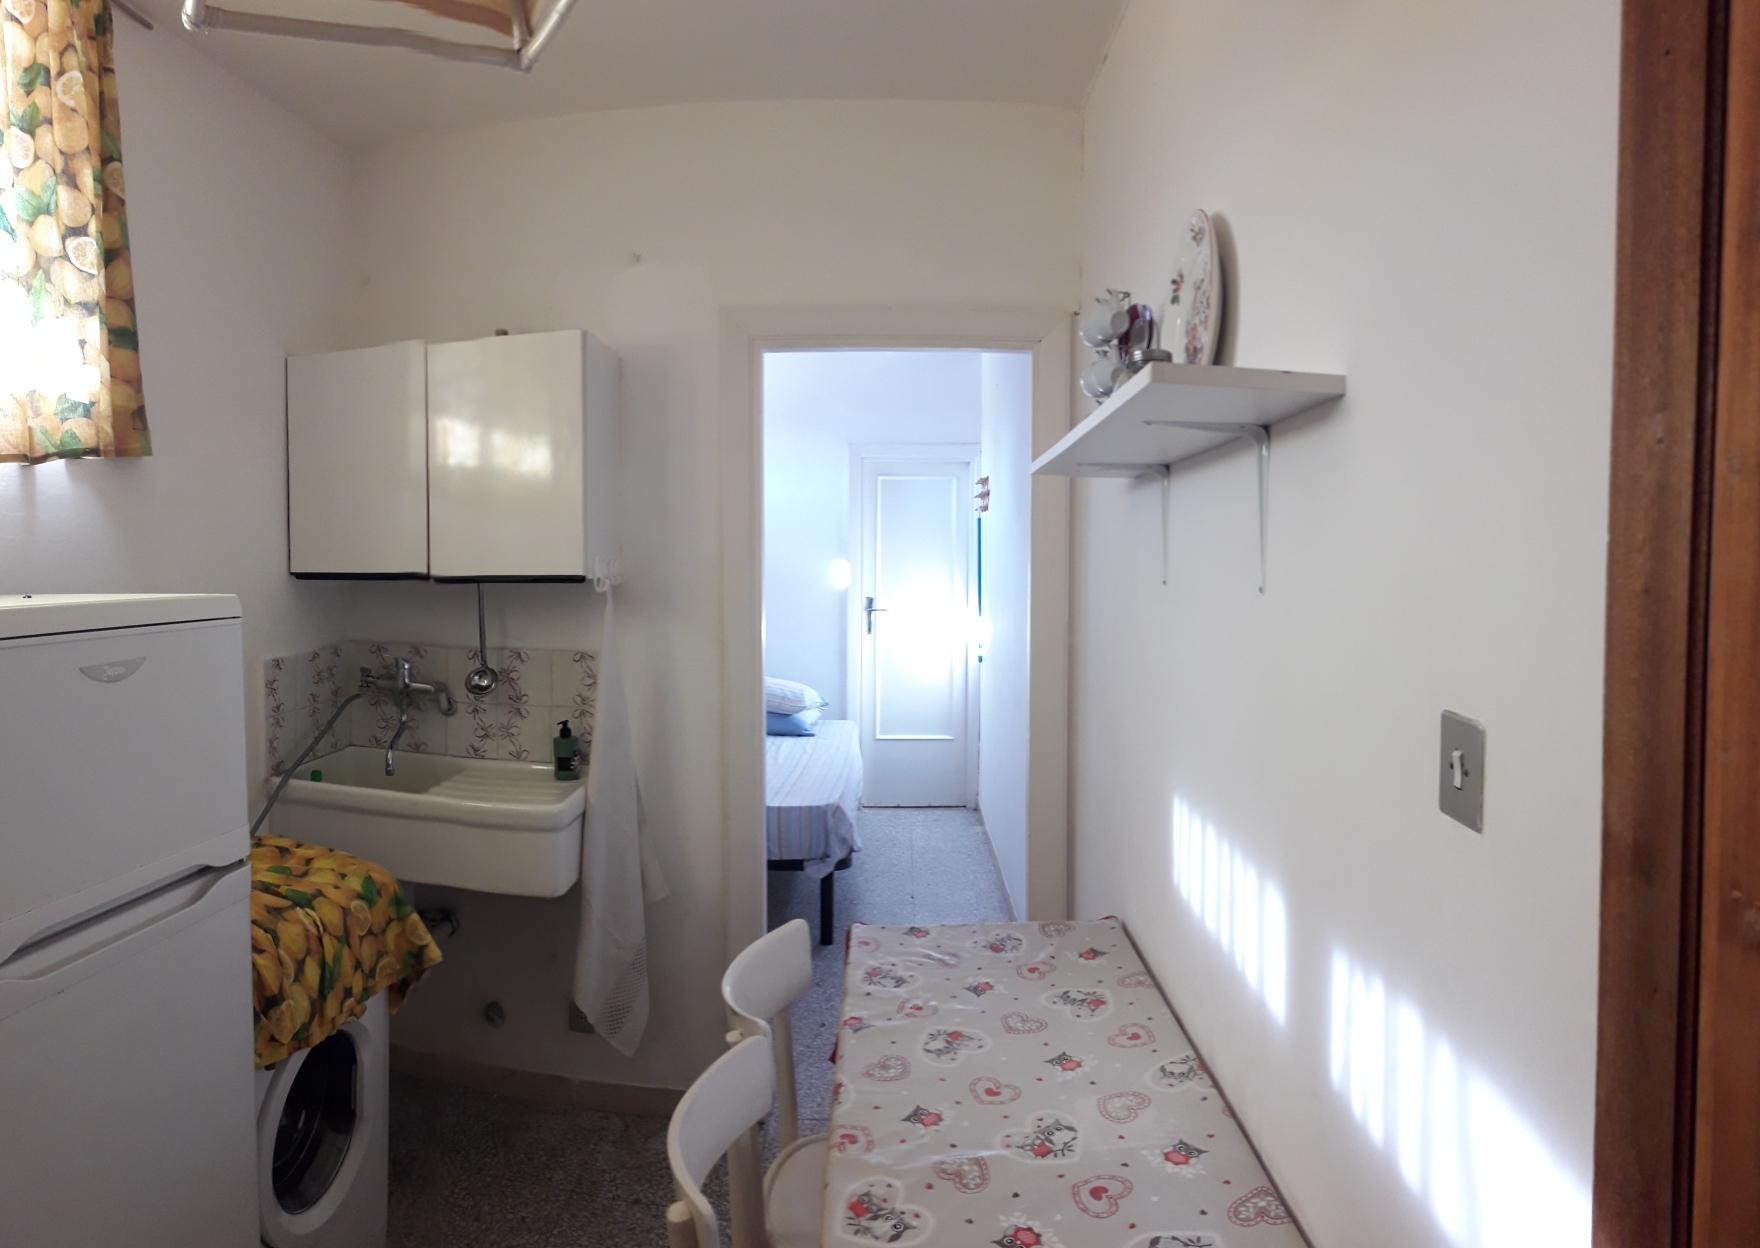 Attico / Mansarda in affitto a Ascoli Piceno, 2 locali, zona Località: PortaMaggiore, prezzo € 200 | PortaleAgenzieImmobiliari.it